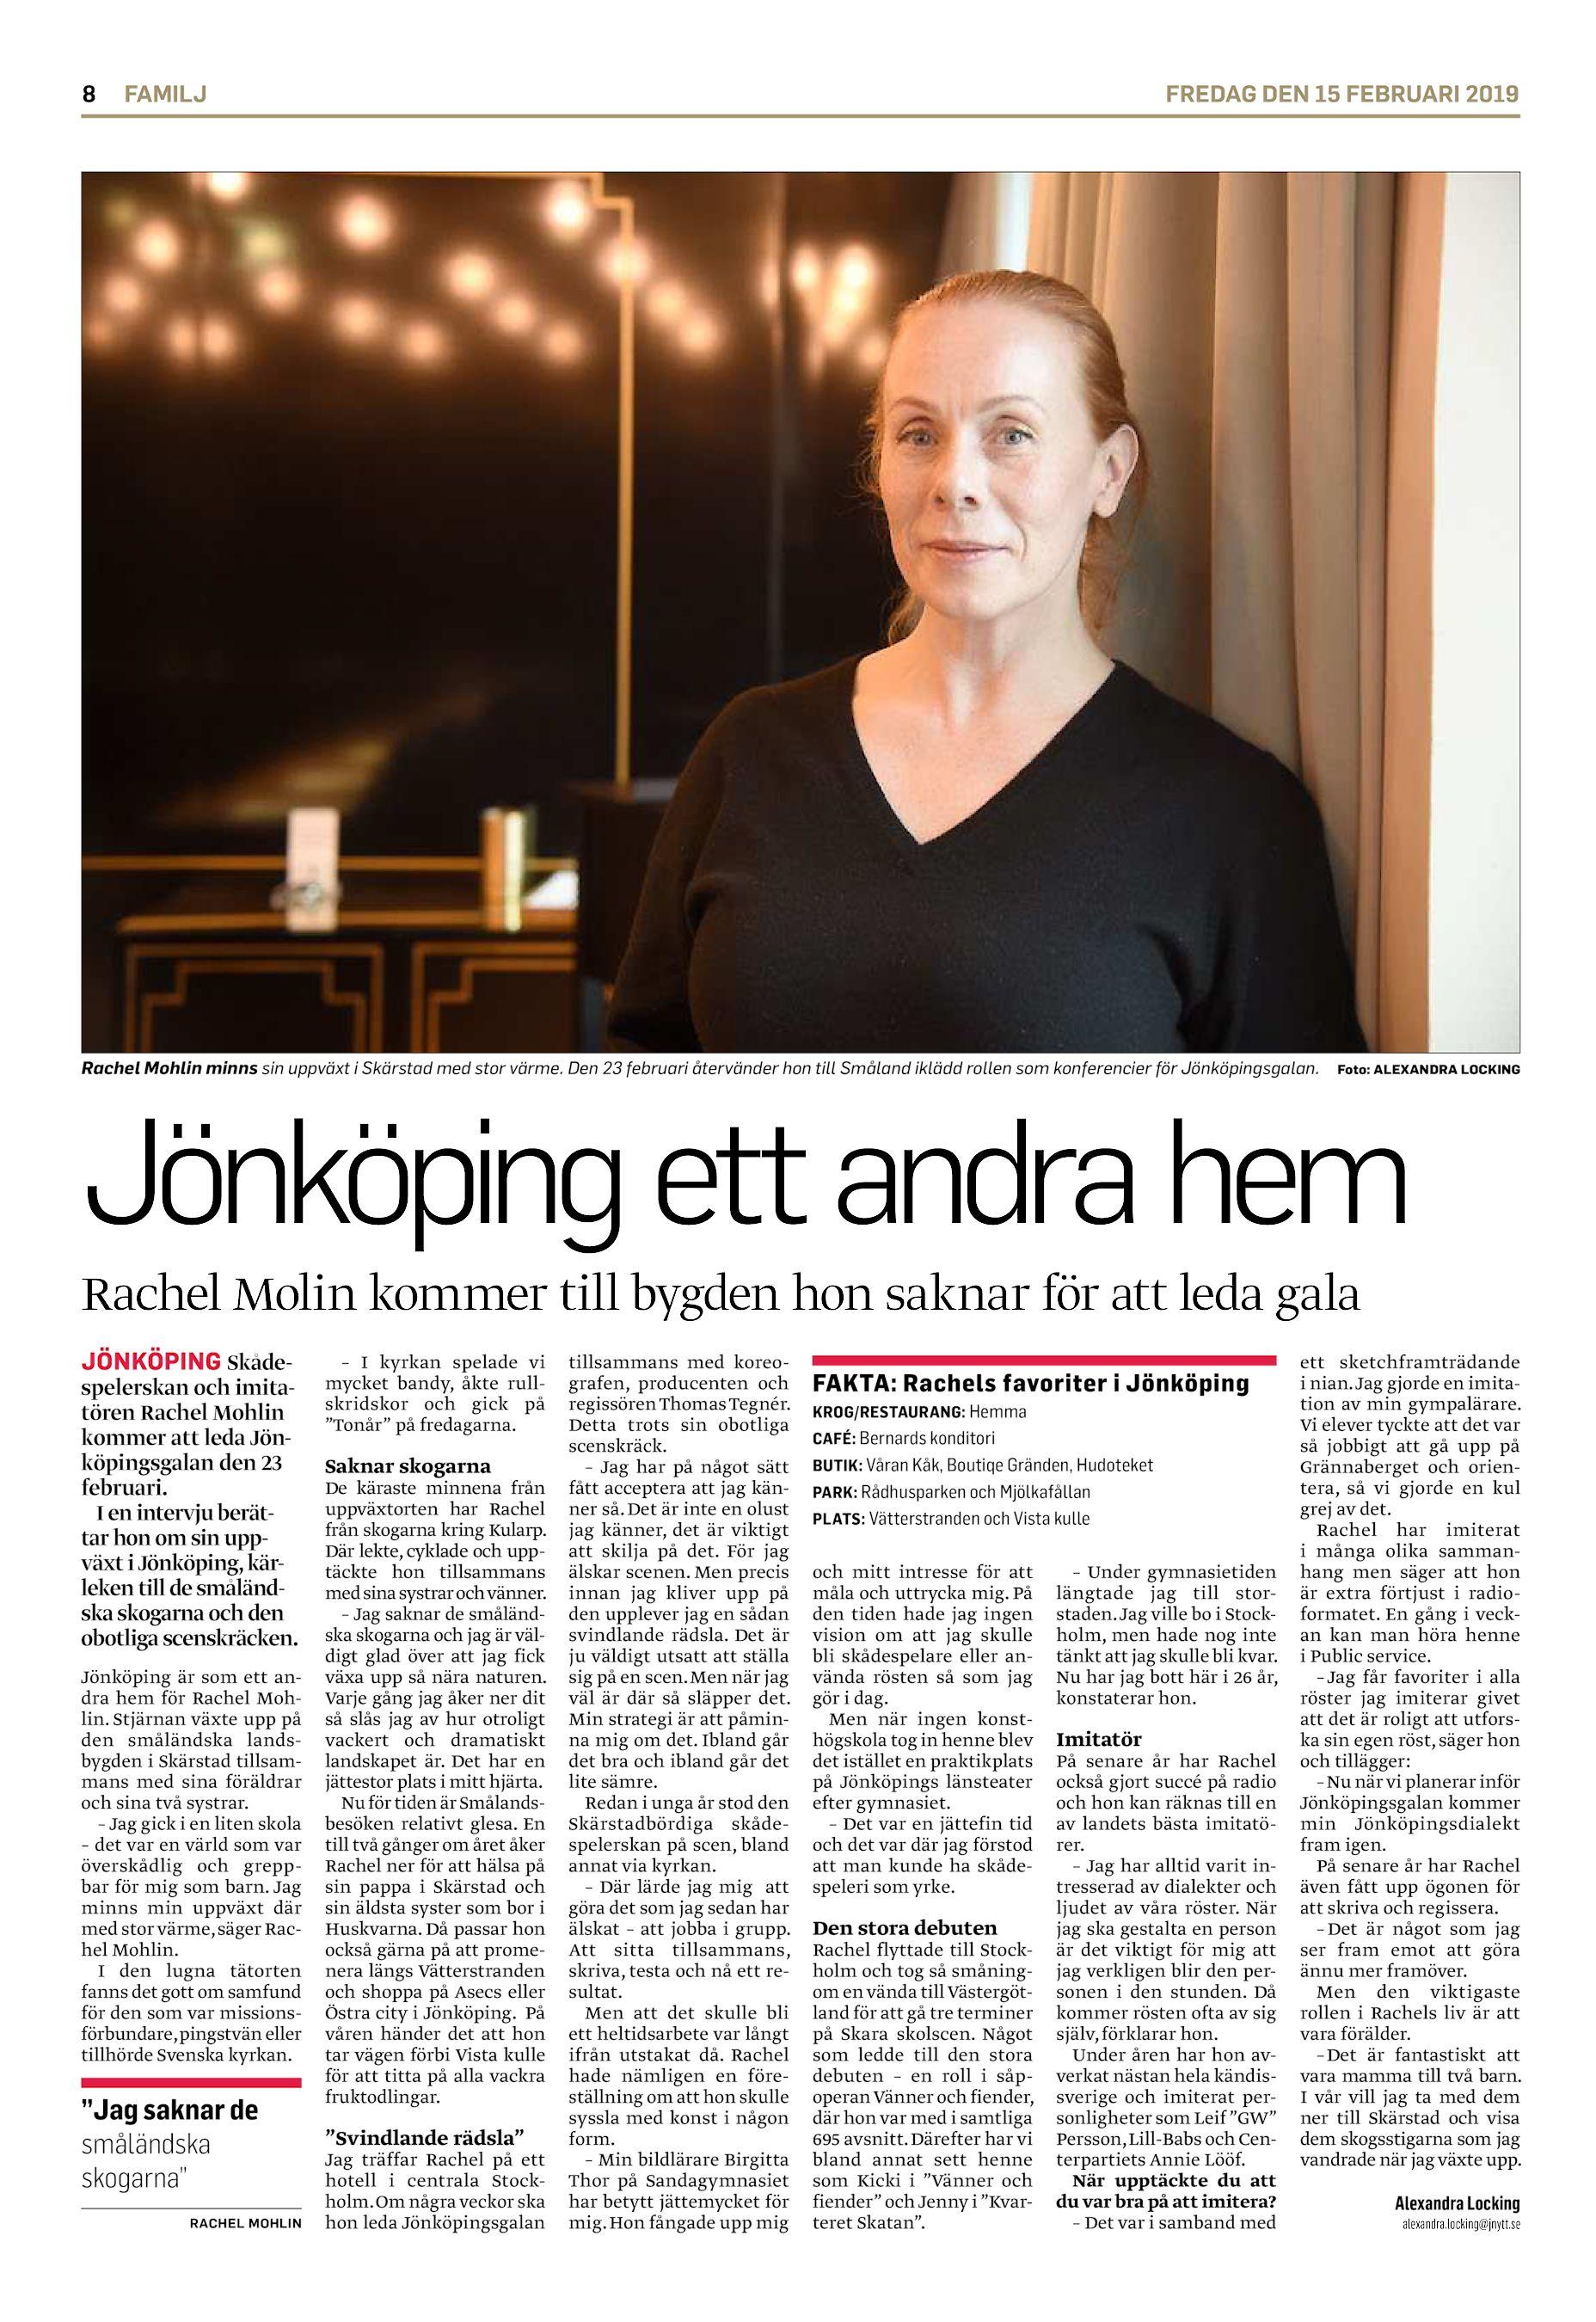 Oscar Hansson, Skrstads Prstgrd 2, Huskvarna | satisfaction-survey.net